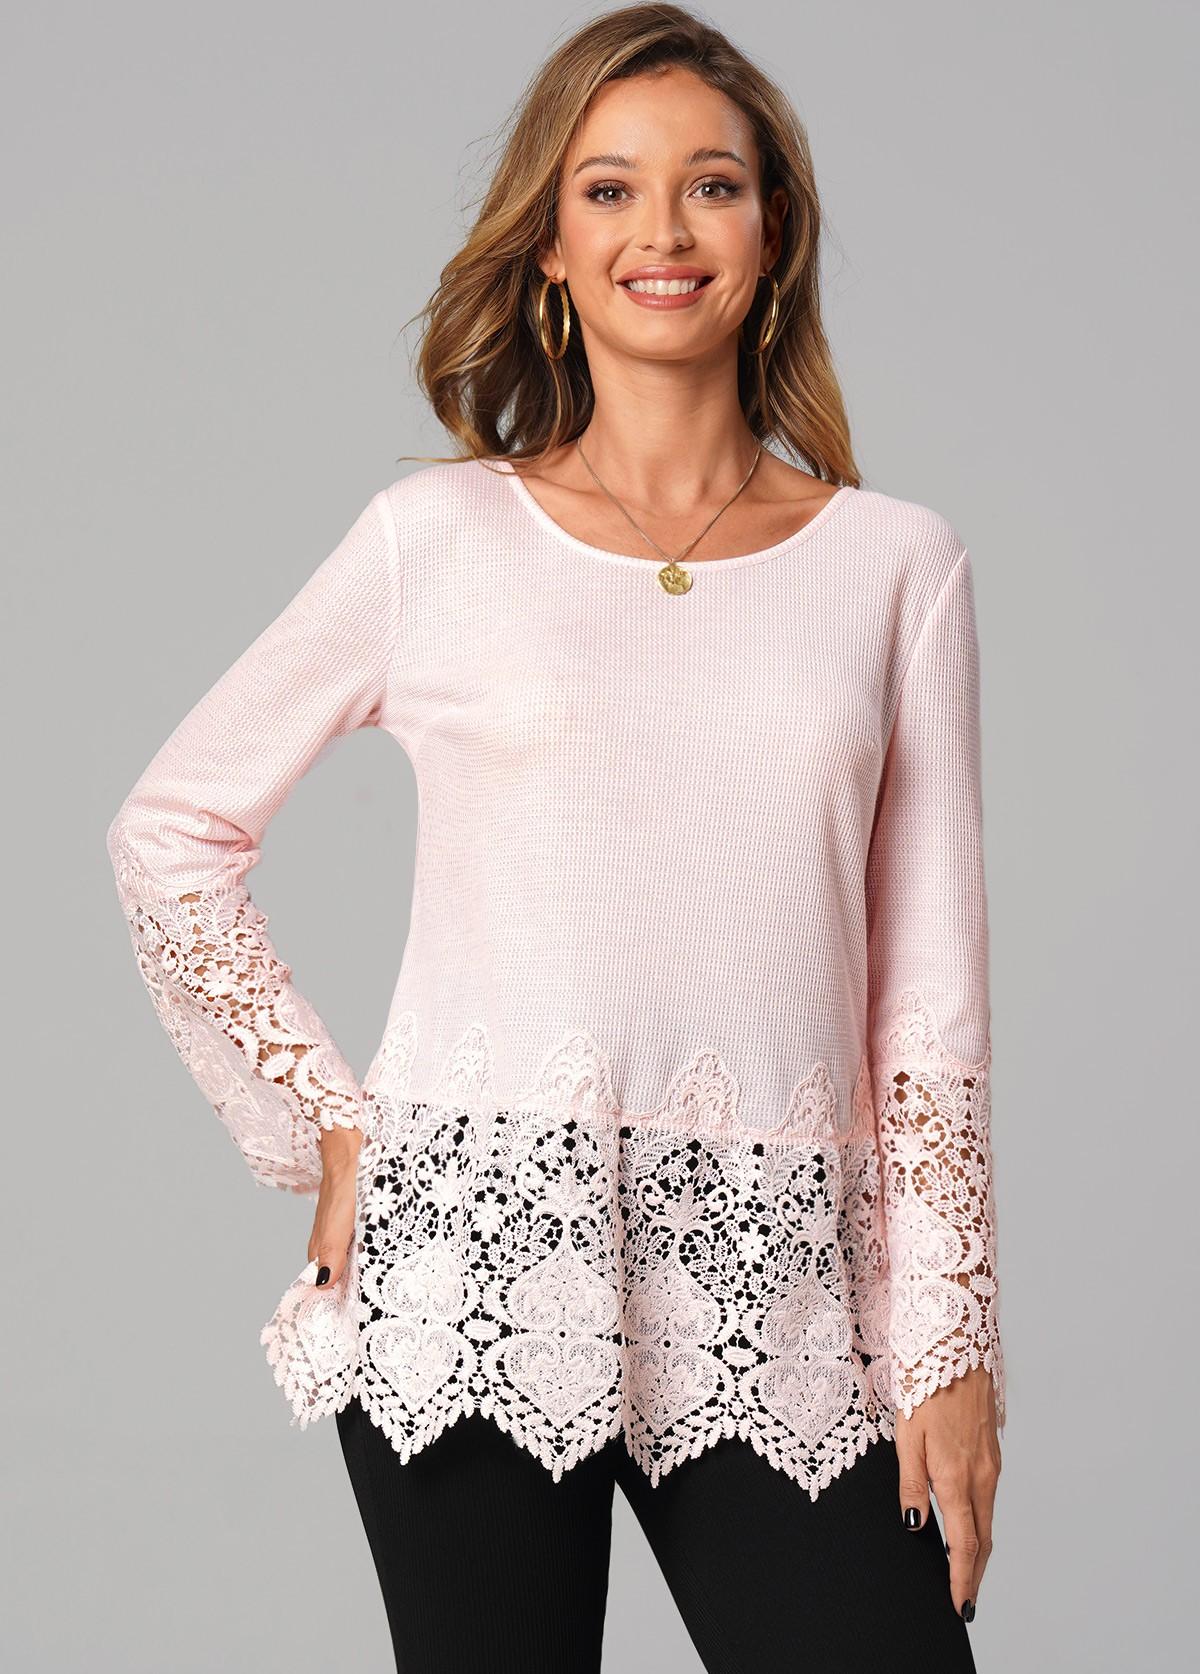 ROTITA Round Neck Lace Stitching Long Sleeve Tunic Top